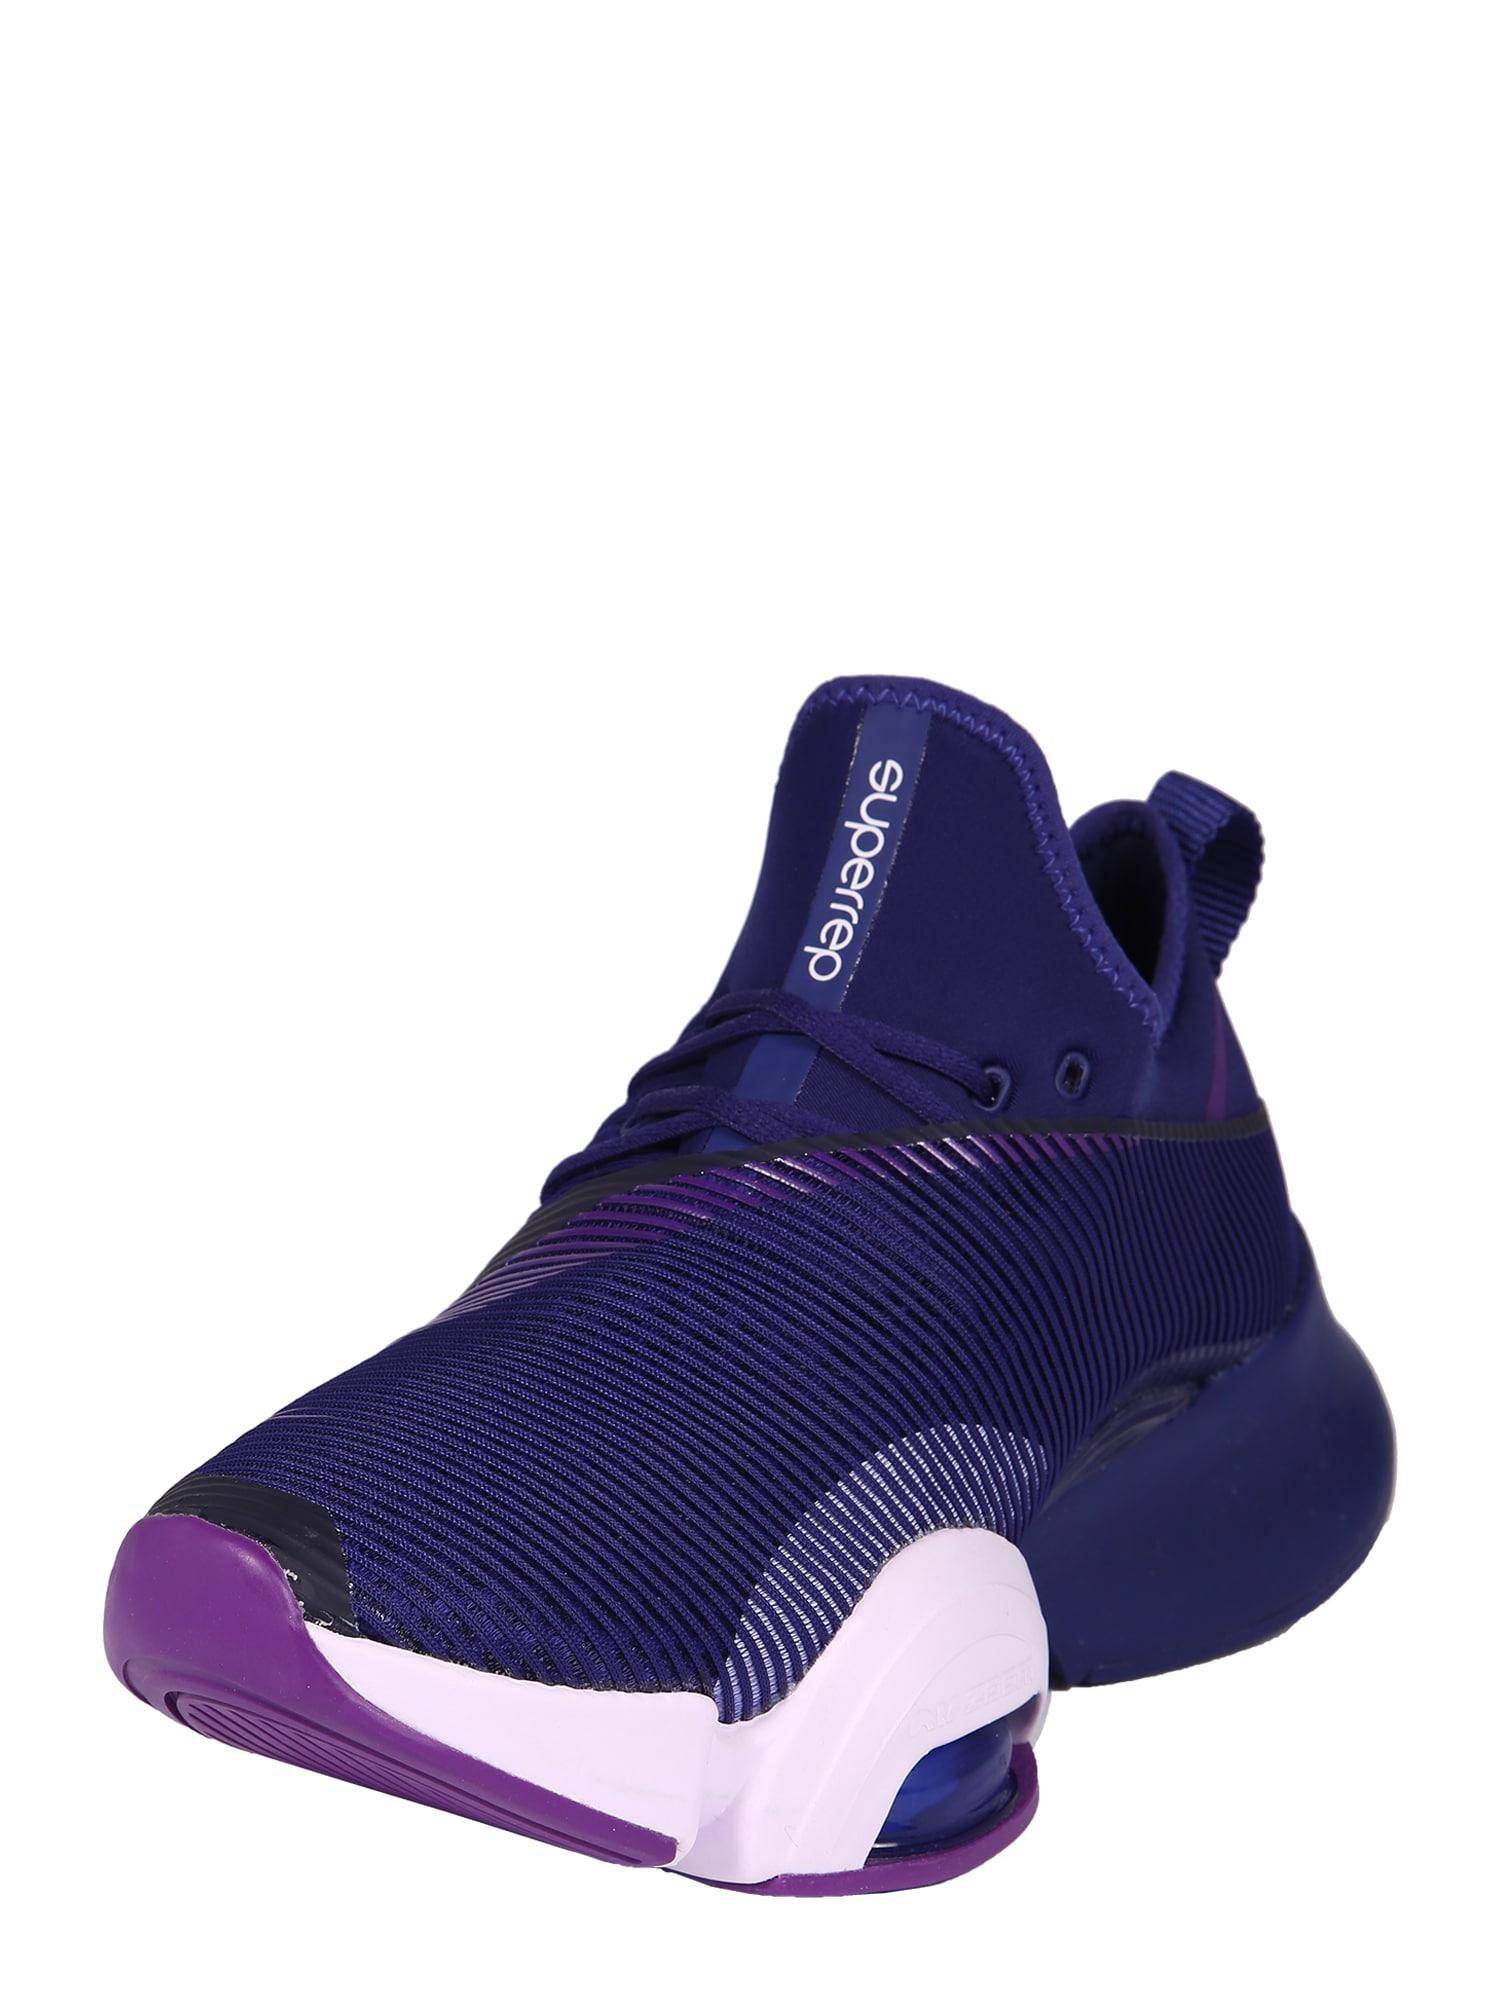 NIKE Sportiniai batai 'Air Zoom SuperRep' tamsiai mėlyna